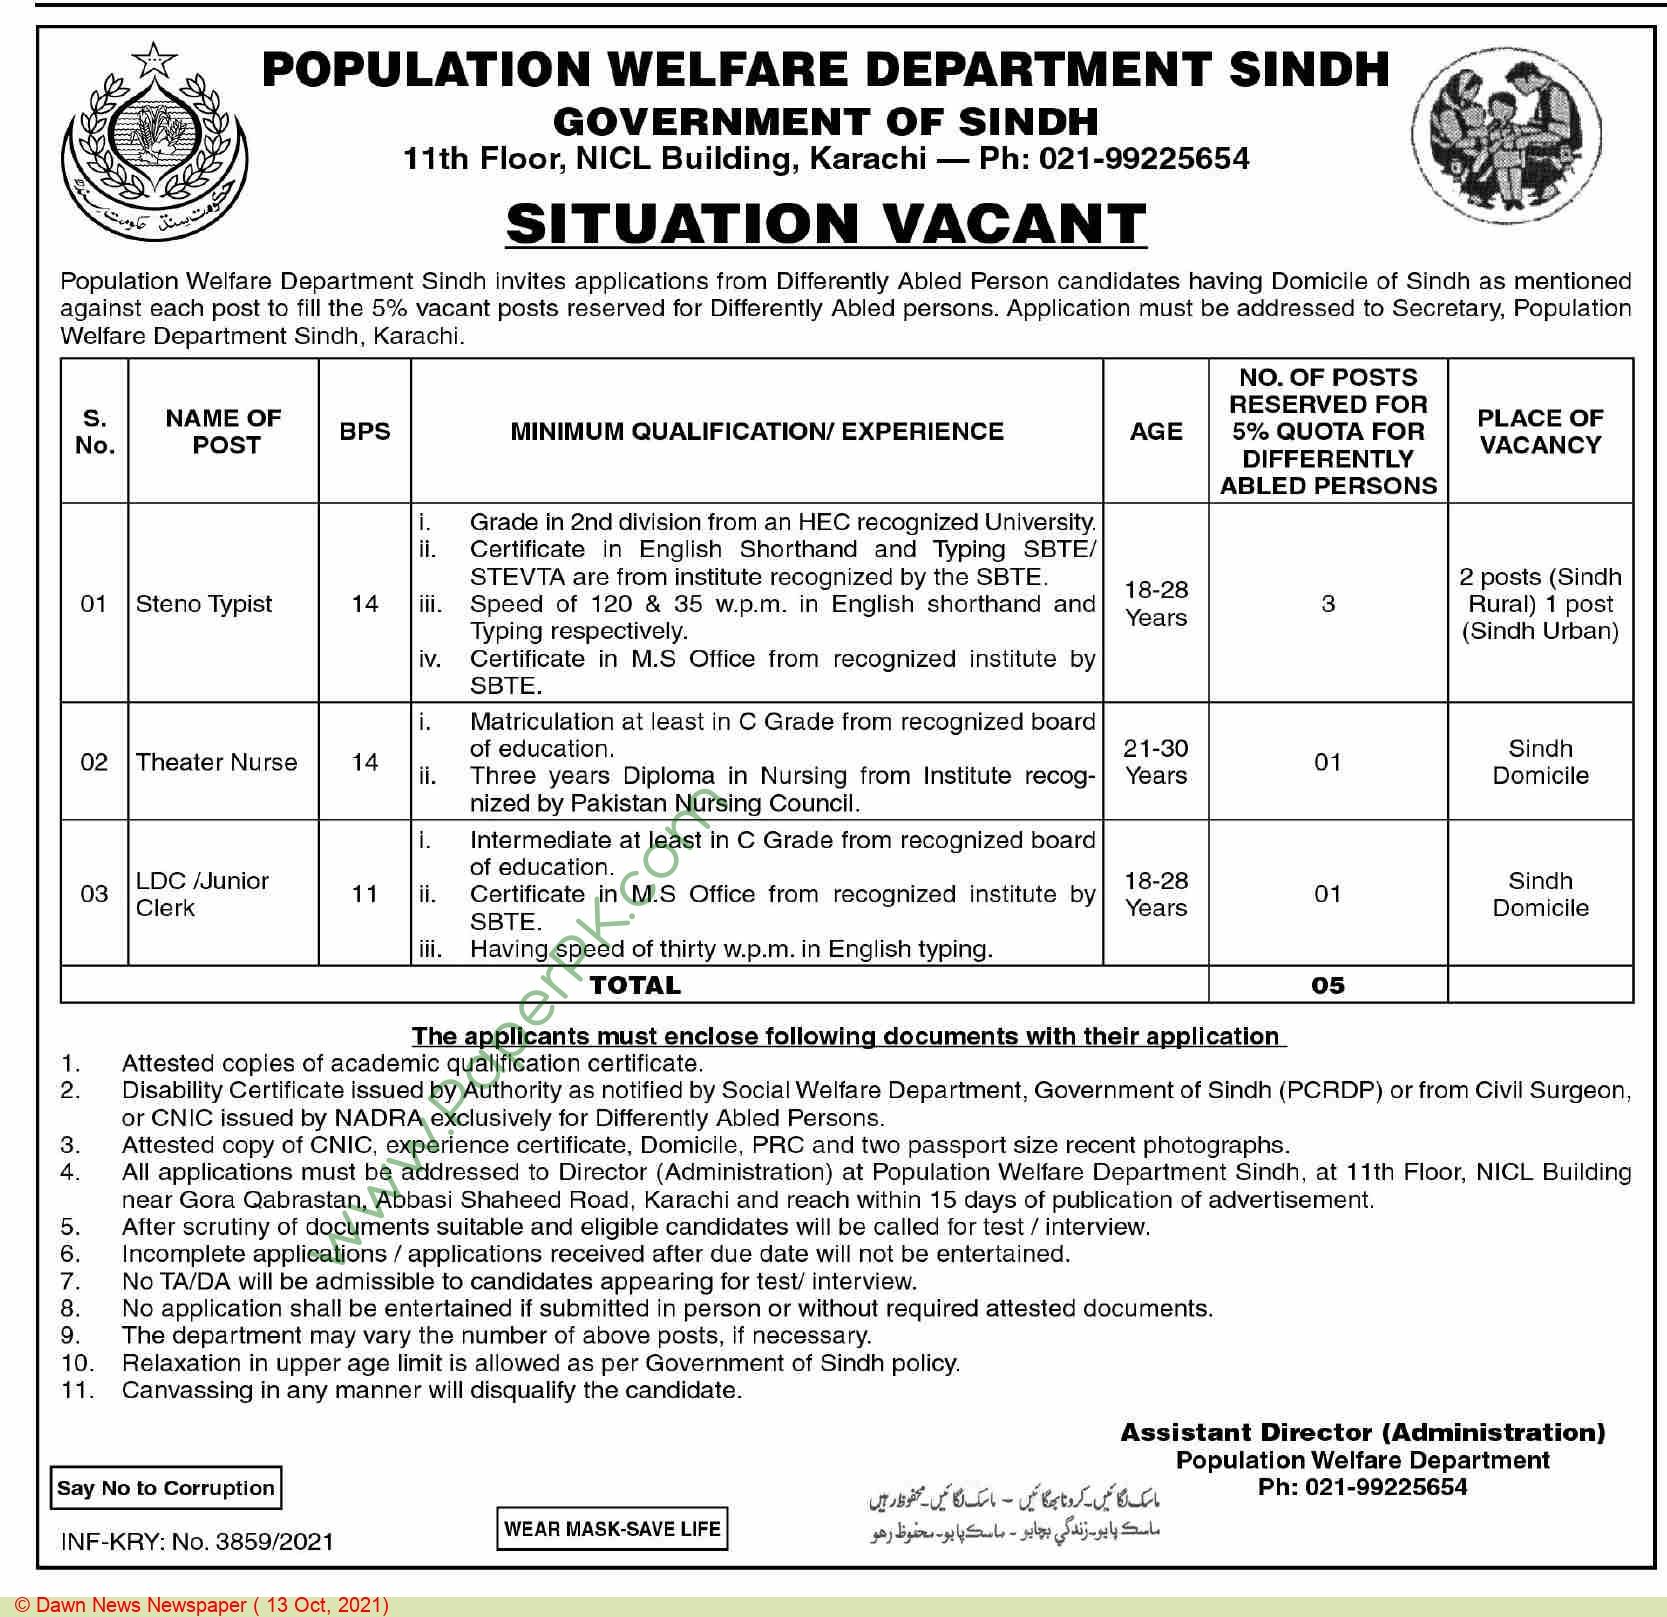 Population Welfare Department jobs newspaper ad for Steno Typist in Karachi on 2021-10-13